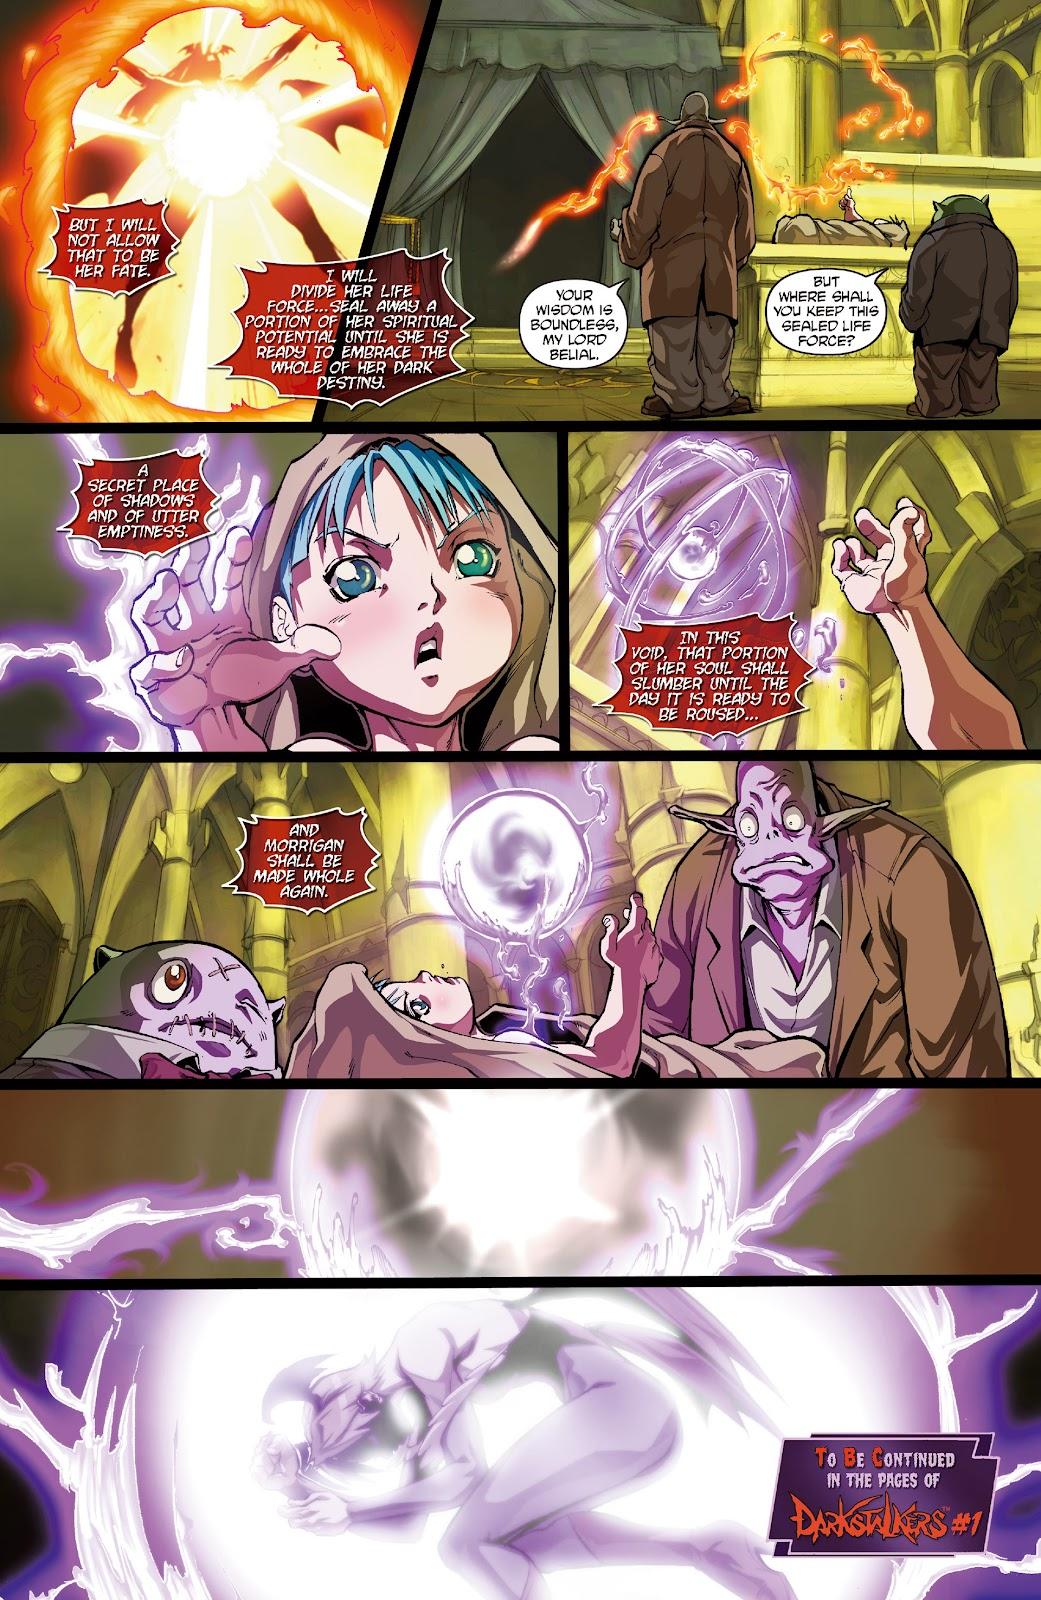 Darkstalkers Issue #0 #1 - English 10